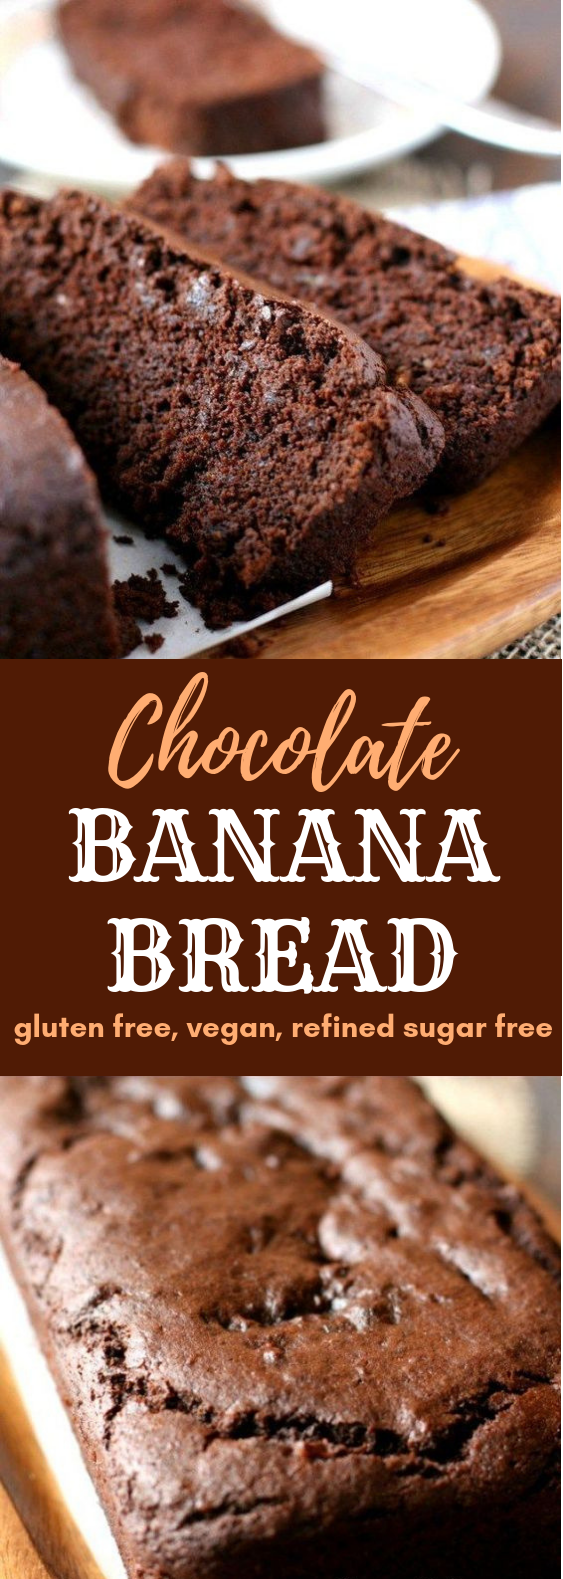 Chocolate Banana Bread (Gluten Free, Vegan, Refined Sugar Free) #Chocolate #Dessert #sugarfreedesserts